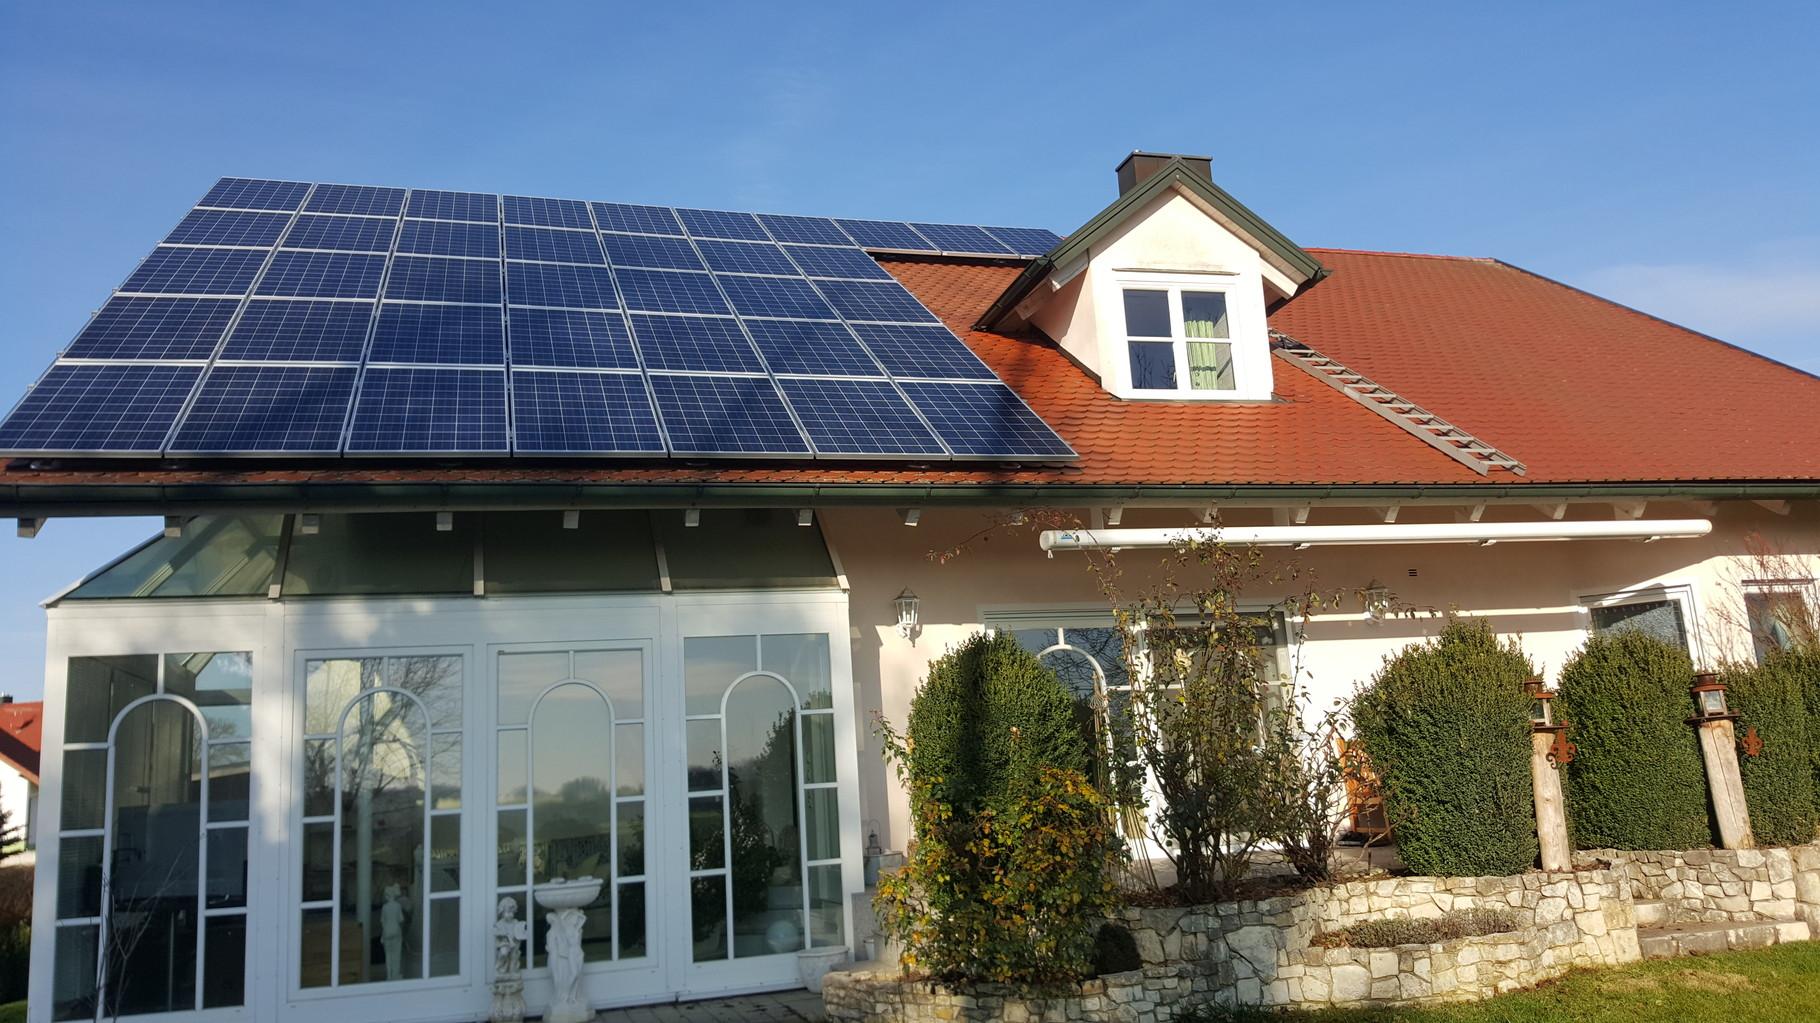 9,86 kWp Photovoltaikanlage mit Solarwatt Glas/Glas Module 30 Jahre Garantie mit Senec 8.0Pb Speicher in Pförring